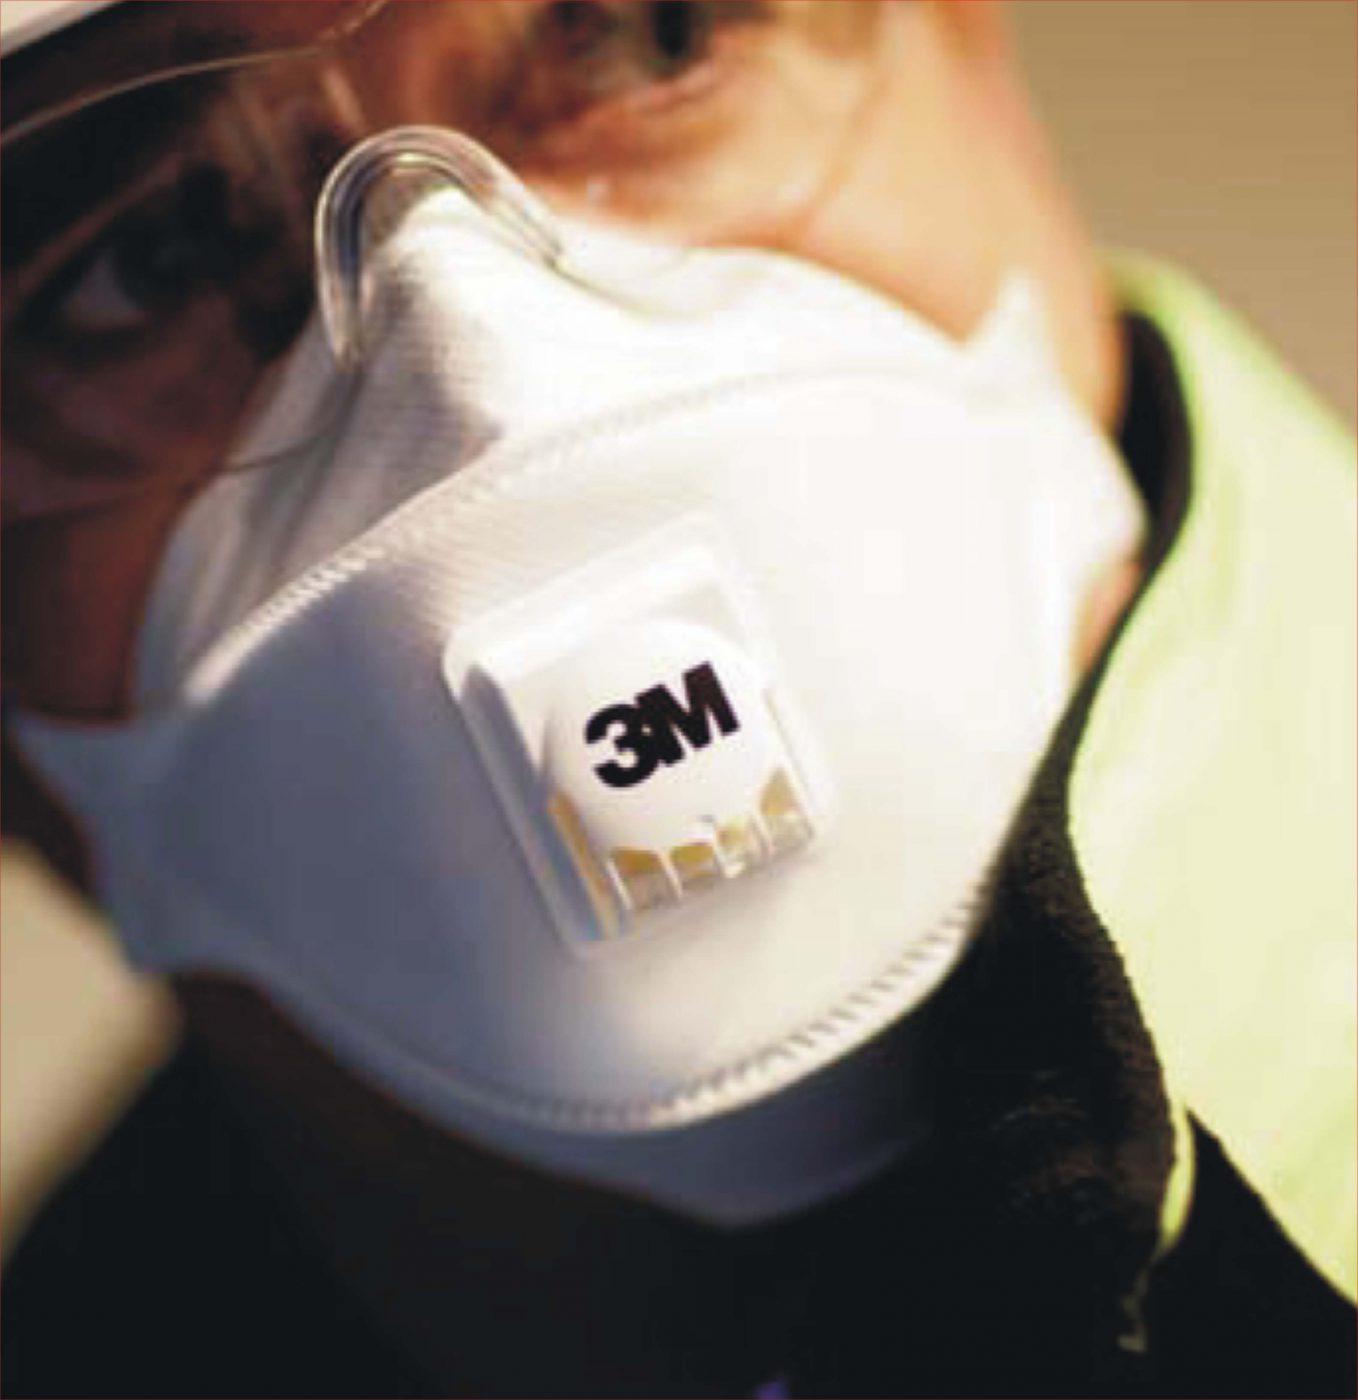 respiratore 3m th2